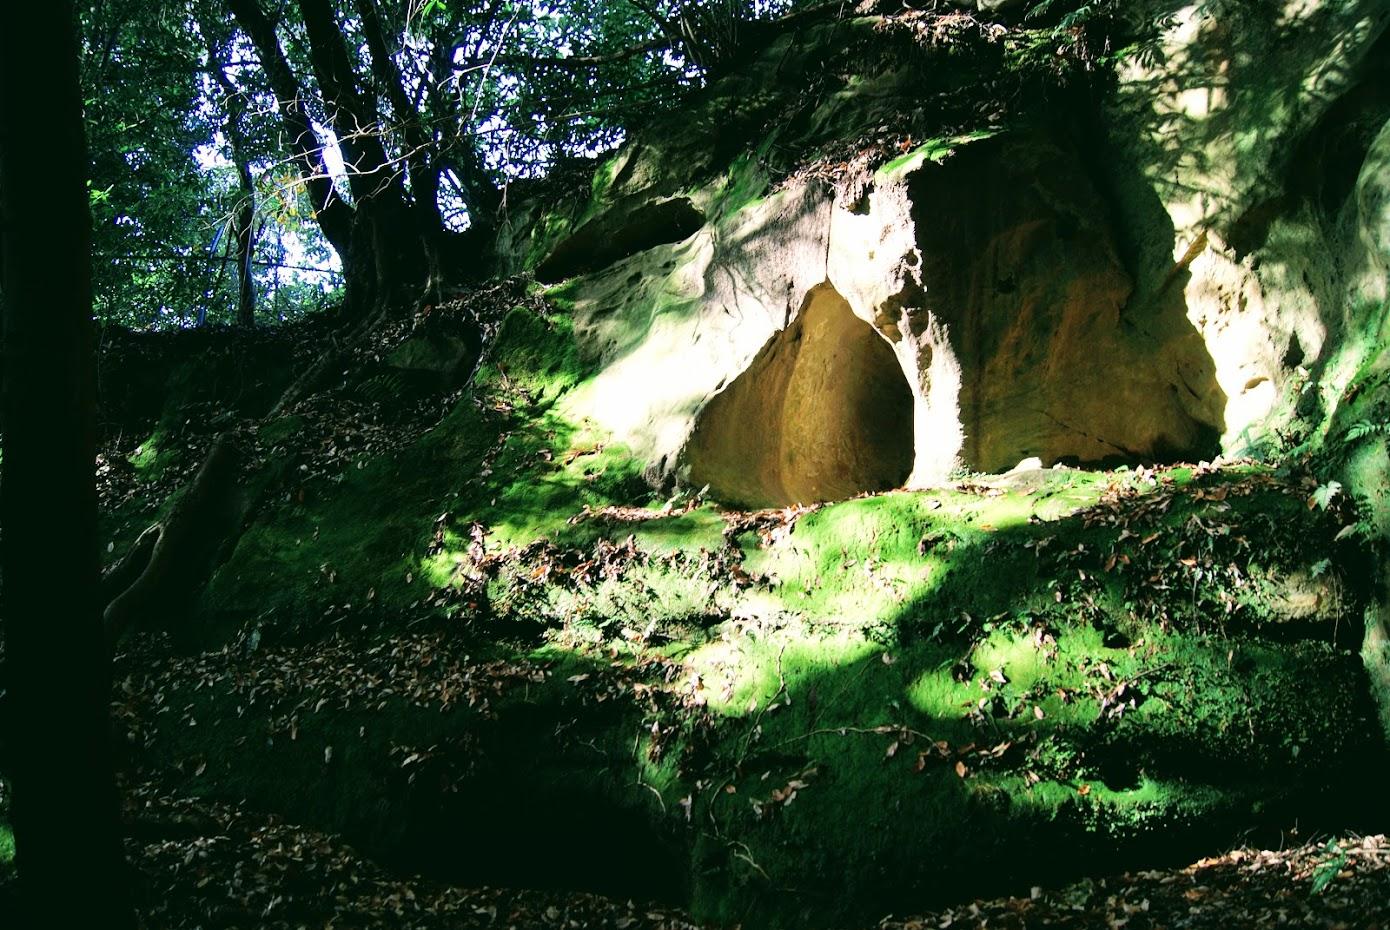 泉福寺洞窟遺跡に行ってきました。